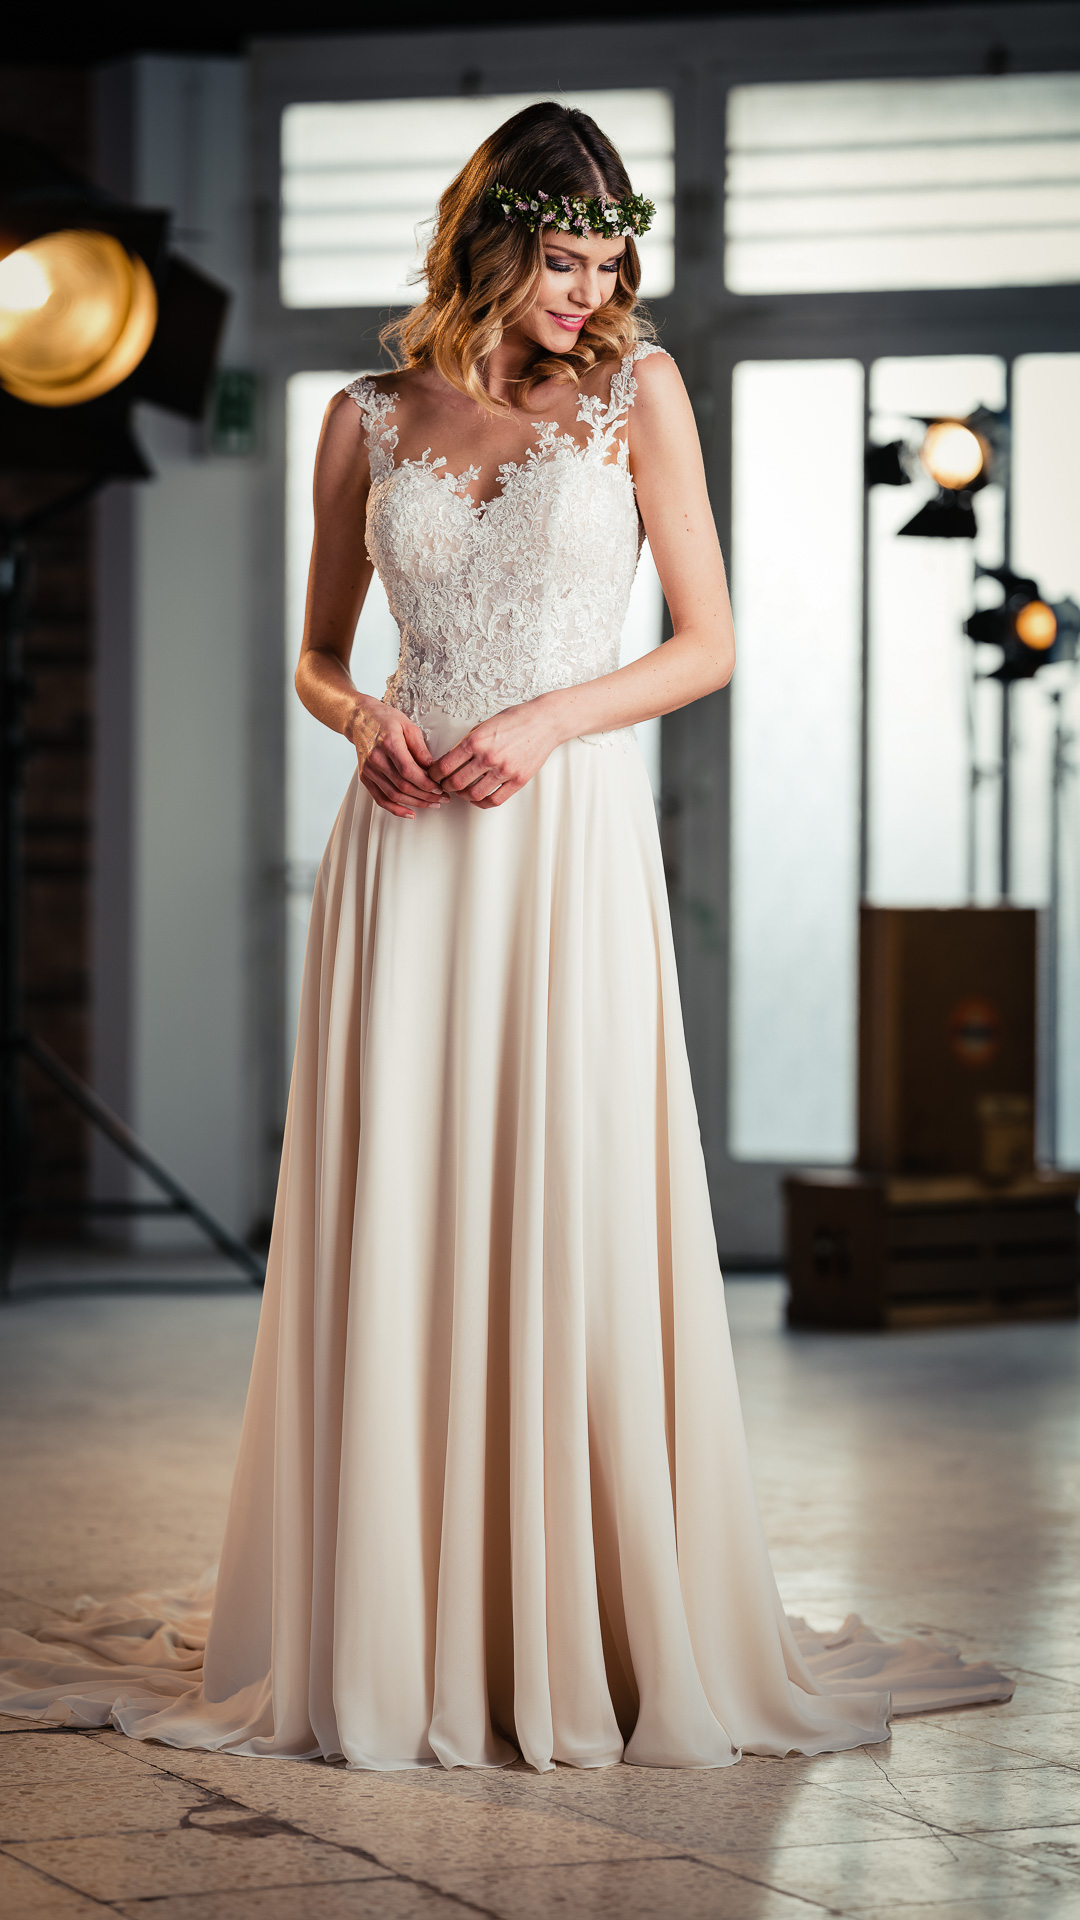 Kollektion 2021 Brautkleid 6715 von DMY